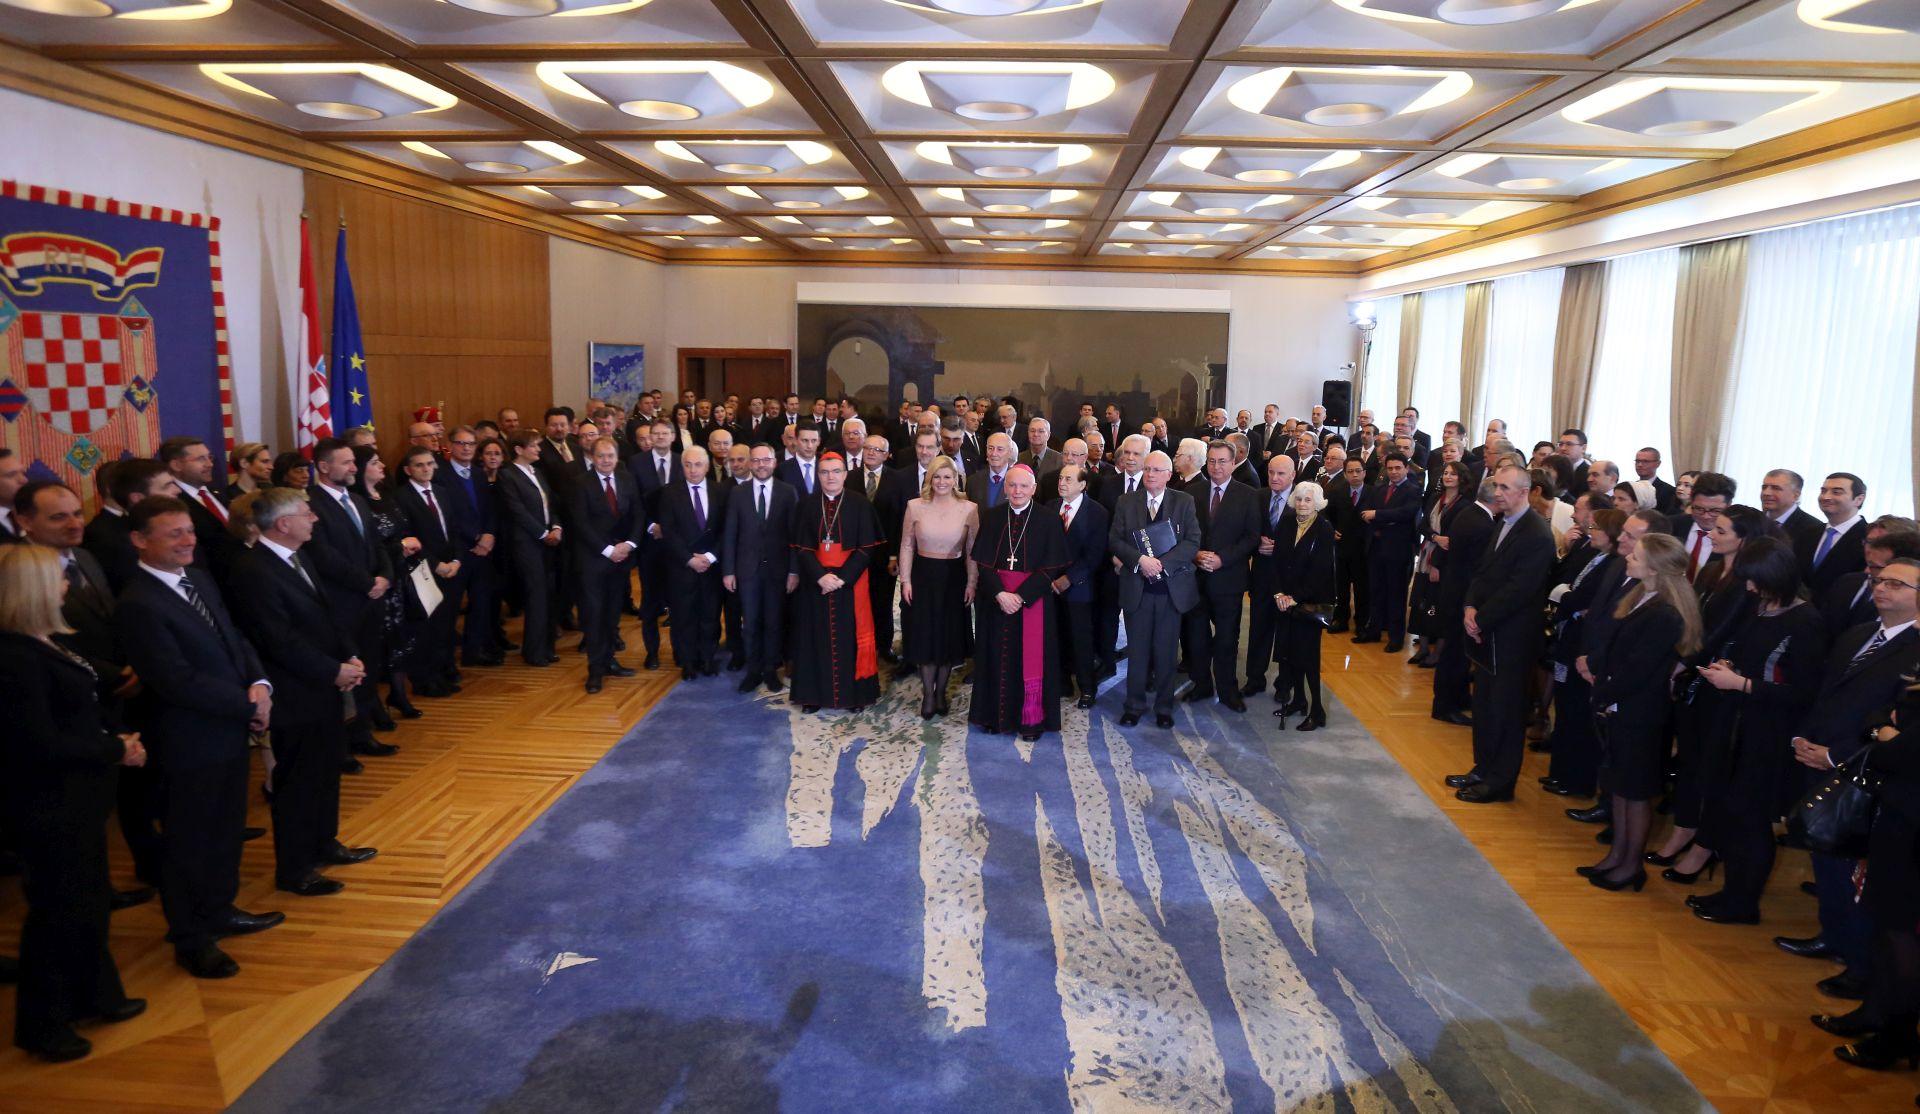 Povelje zahvalnosti za međunarodno priznanje Tuđmanu, braniteljima, Kohlu, Genscheru